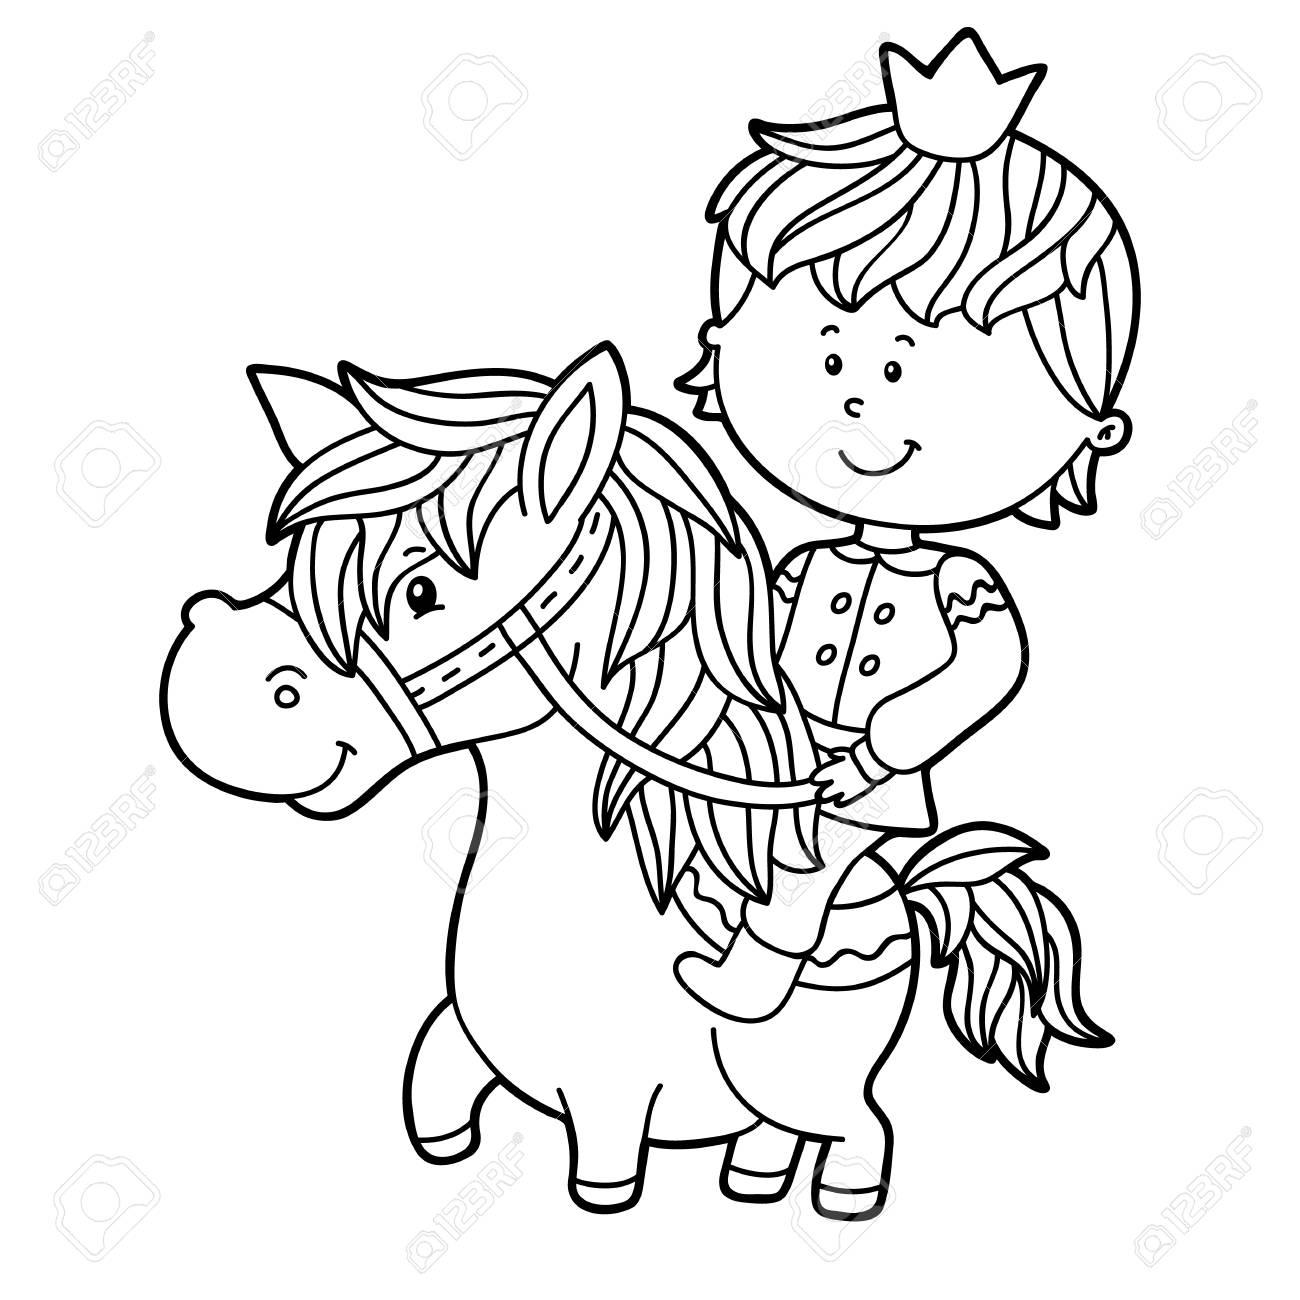 Ilustración De Vector De Personaje De Niño De Dibujos Animados Lindo ...